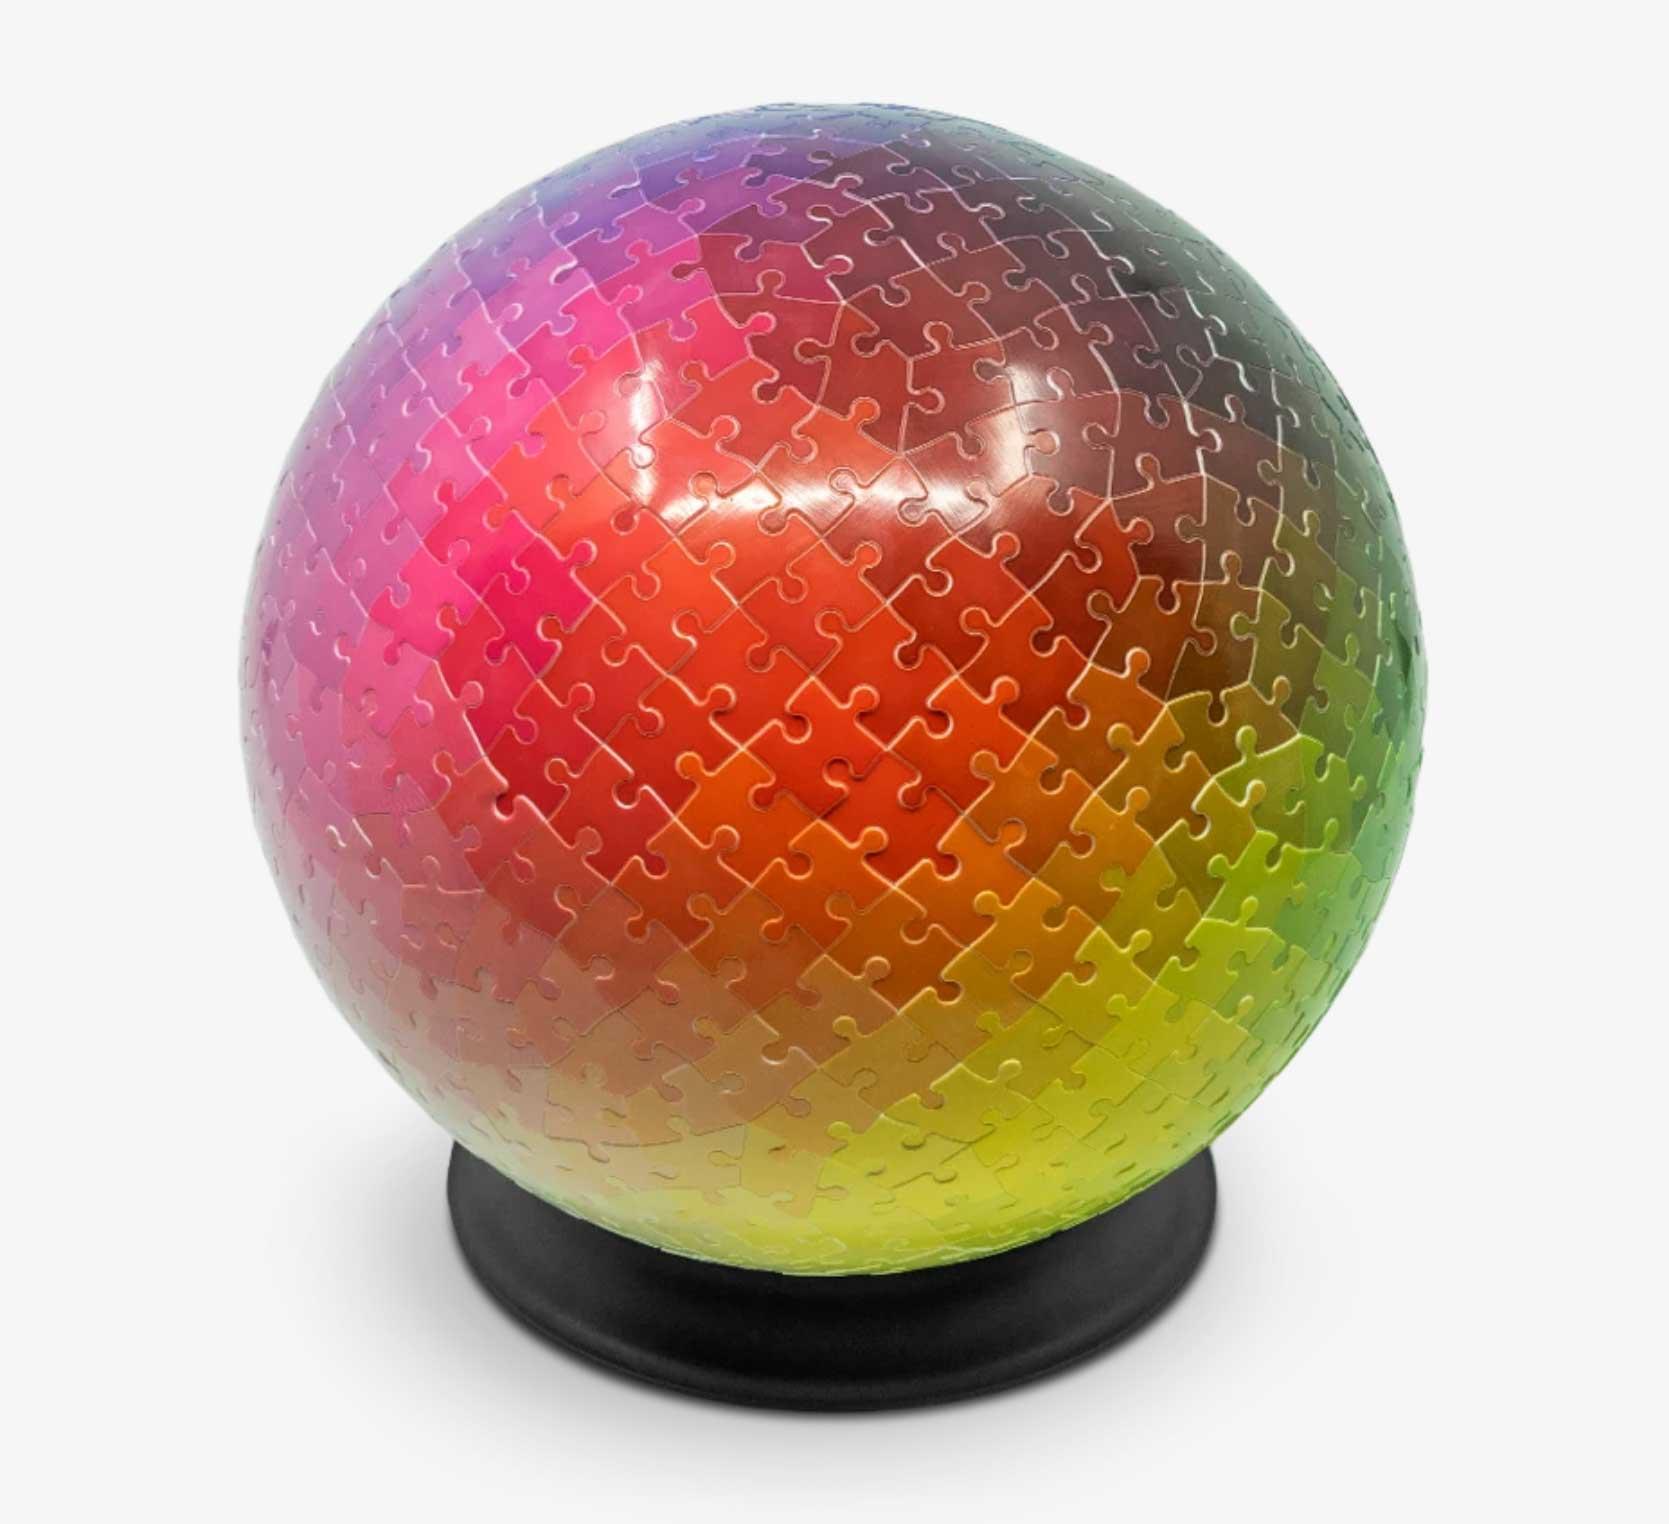 Farbverlauf-3D-Kugel-Puzzle von Clemens Habicht 540-farben-3d-kugel-puzzle-von-Clemens-Habicht_02